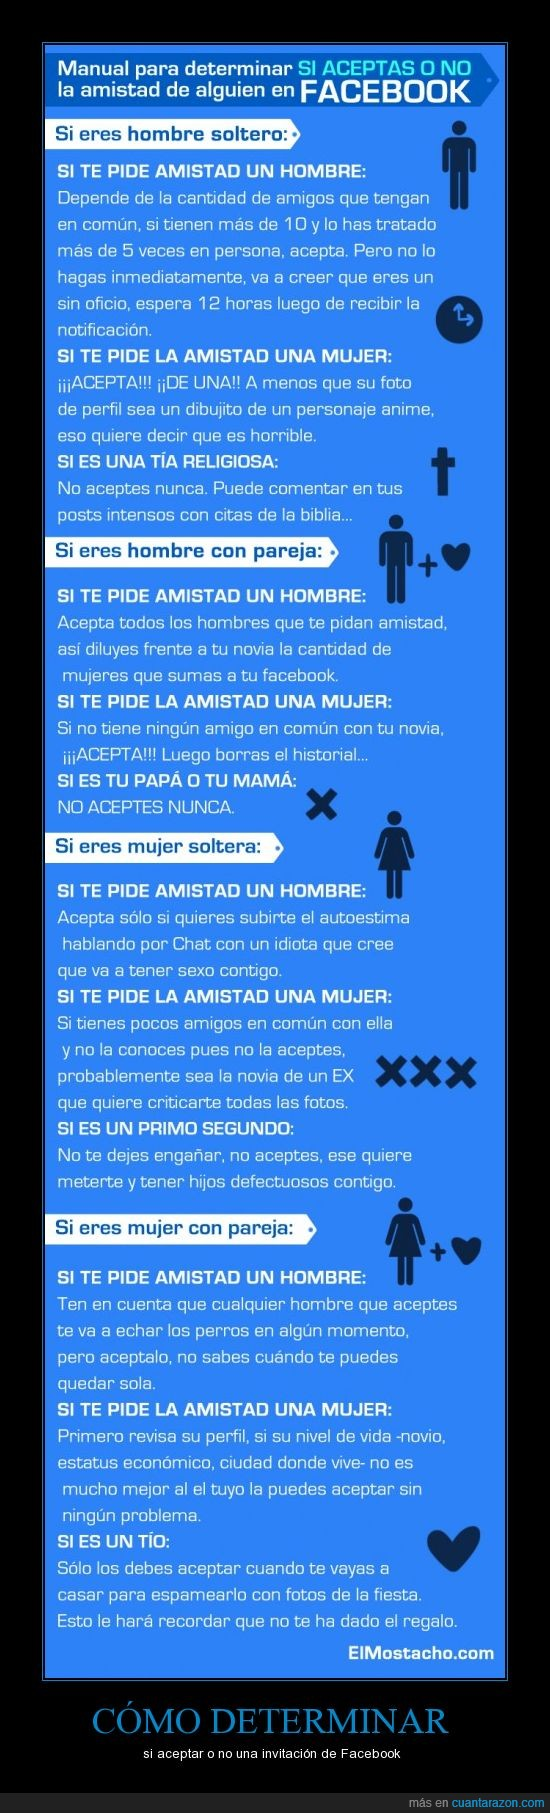 aceptar,amistad,facebook,foto,friend,hombre,invitacion,mujer,novia,novio,request